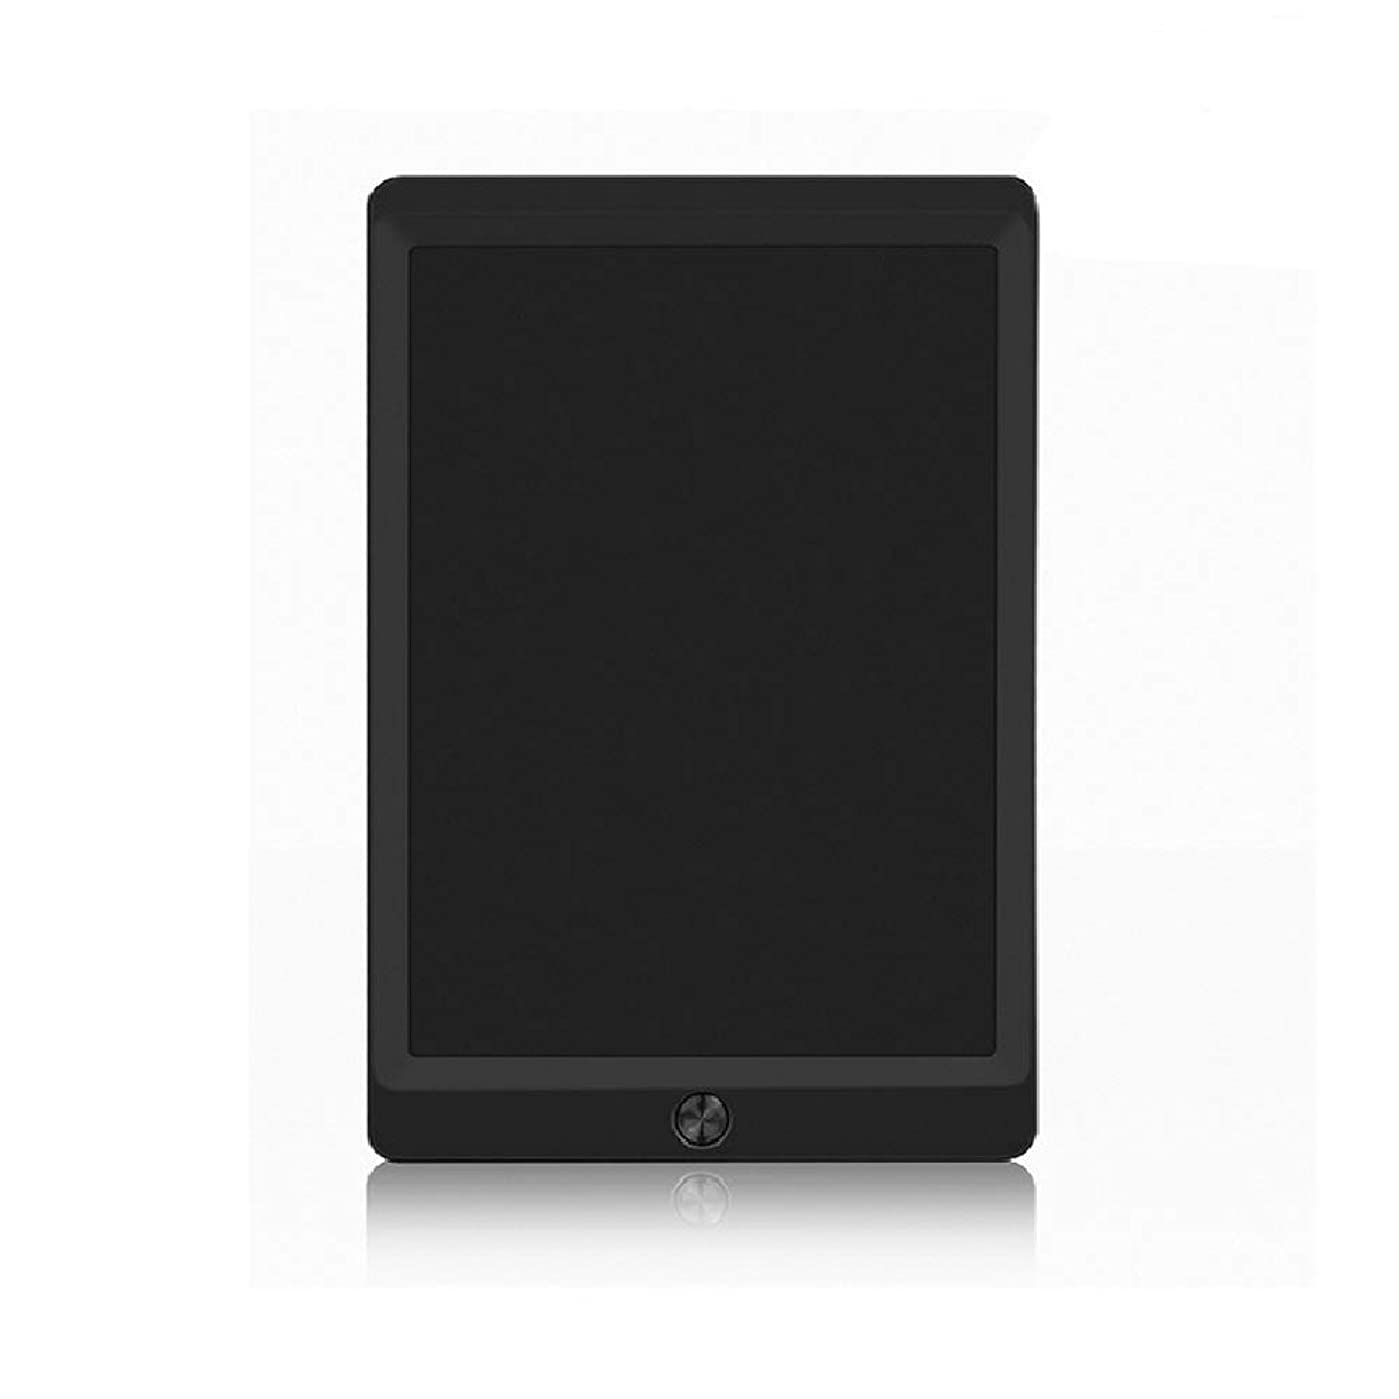 ピクニックシャープバリケード電子パッド 電子メモ帳 8.5インチ デジタルメモ LCD液晶パネル ペン付き 書いて消せるボード 学習 絵描き 打ち合わせ 伝言板 筆談ツール 単語帳 メモ取りなどに対応 携帯便利 ブラック